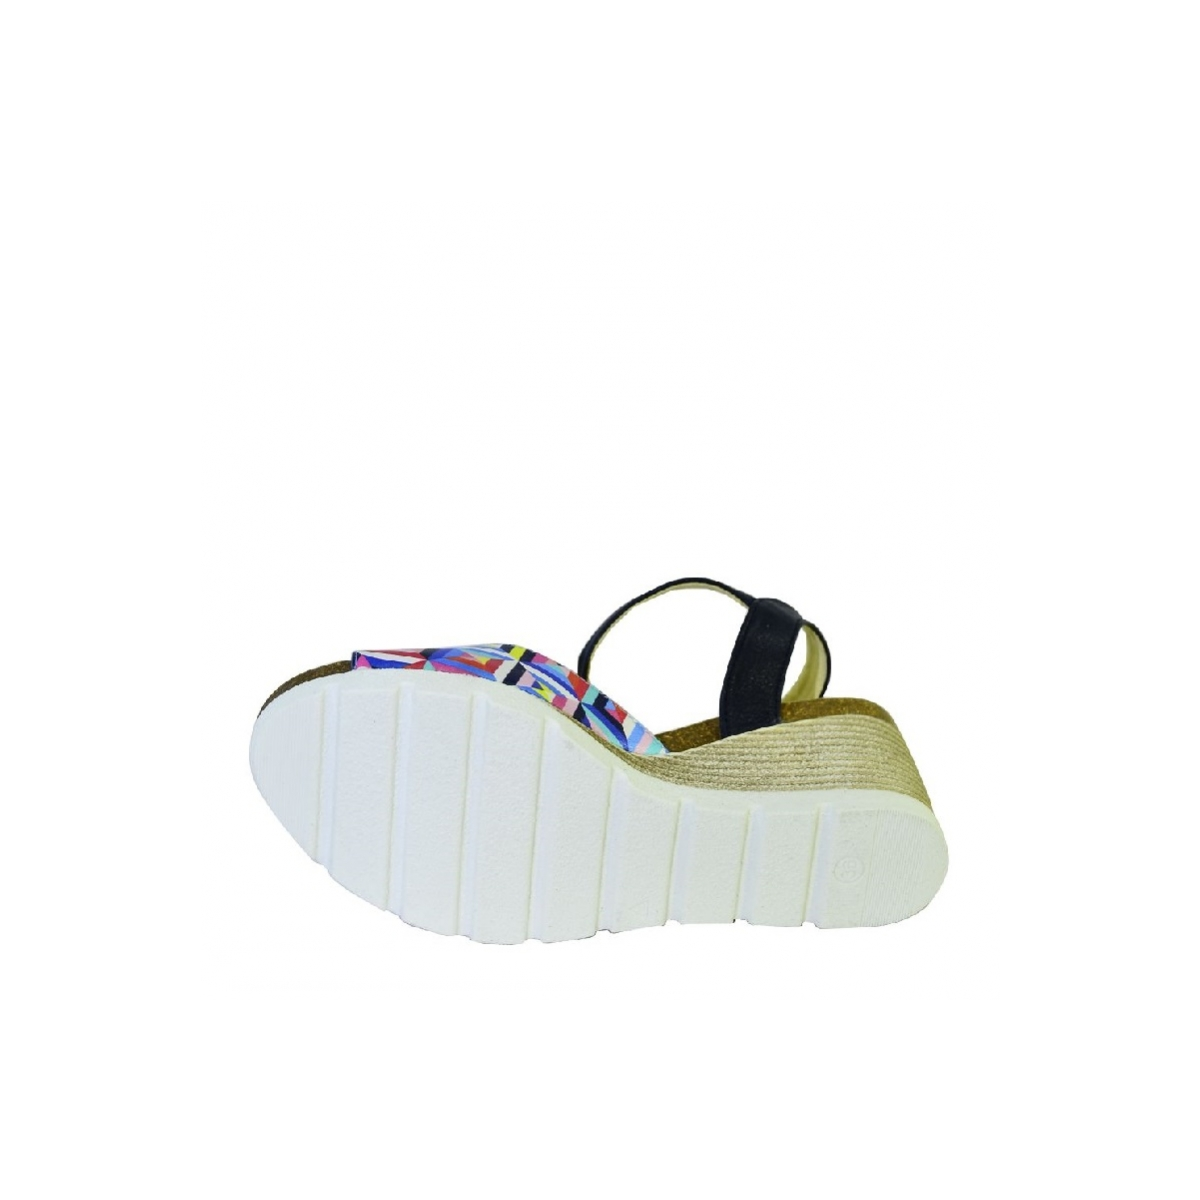 9861e8869a6a Farebné kožené sandále na klinovom opätku Carsona TARA - 7